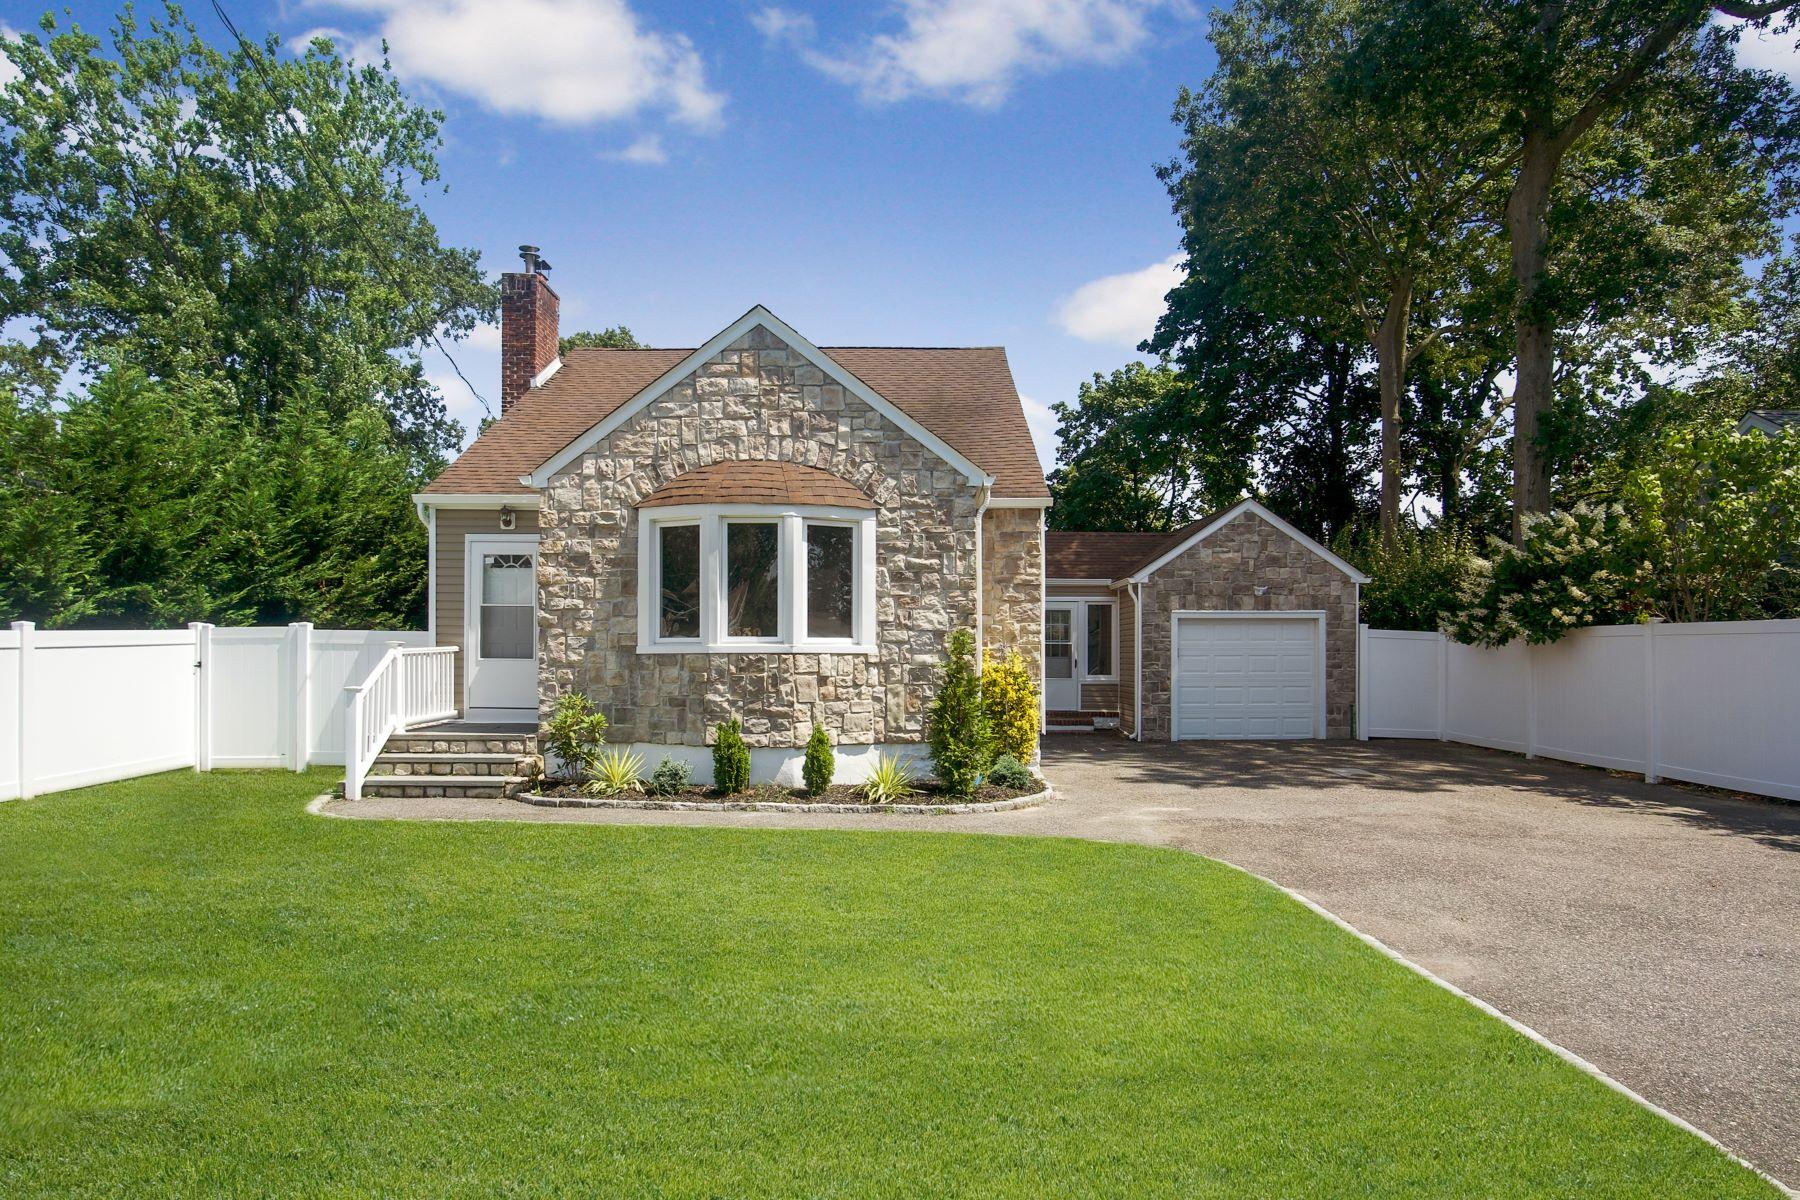 Single Family Homes för Försäljning vid West Islip 530 Myrtle Ave, West Islip, New York 11795 Förenta staterna